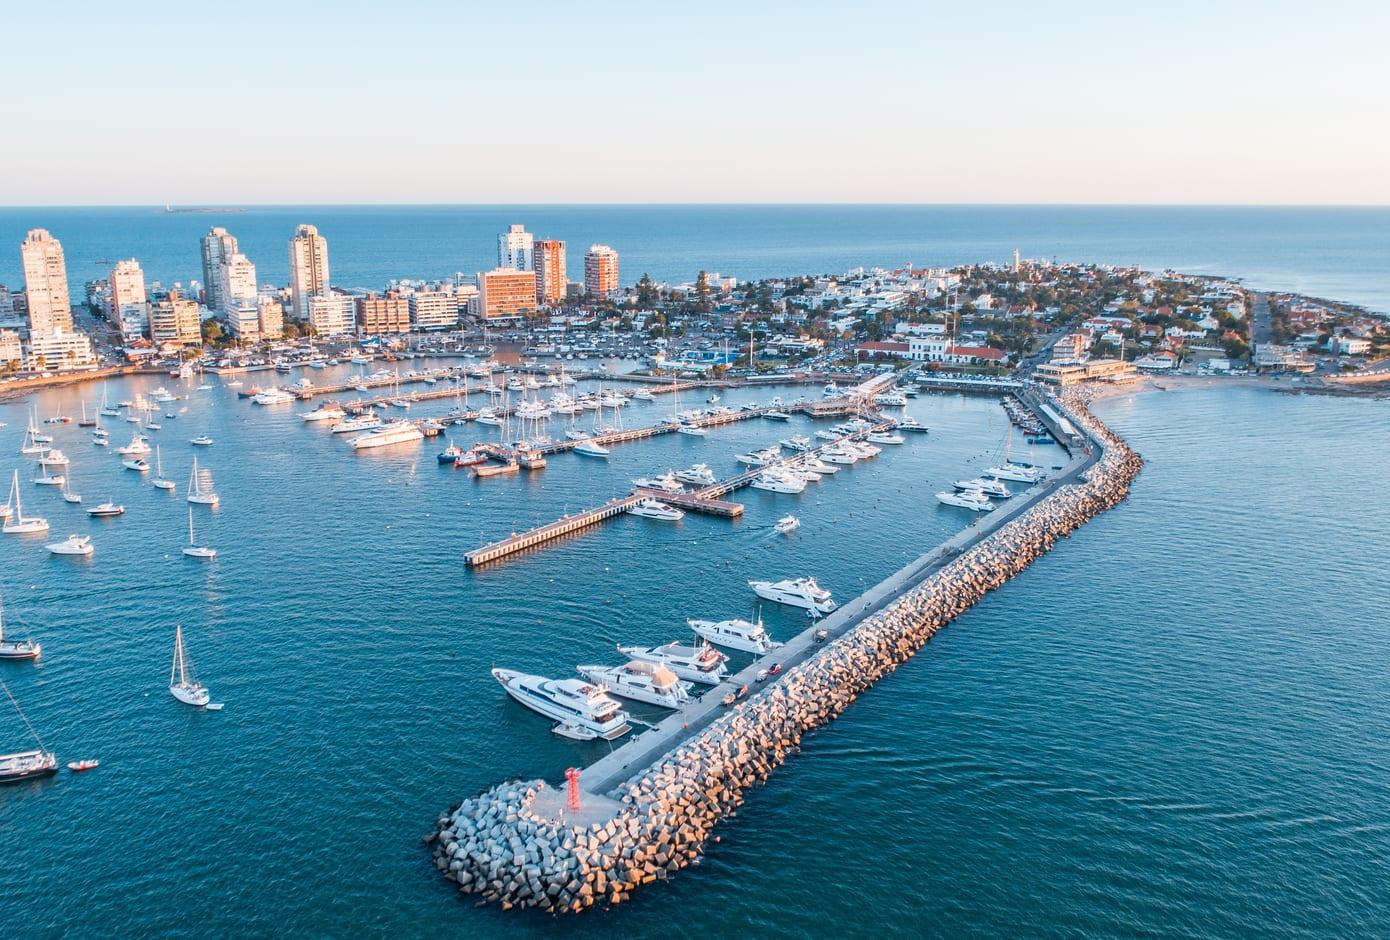 Top view of Punta Del Este, in Uruguay.